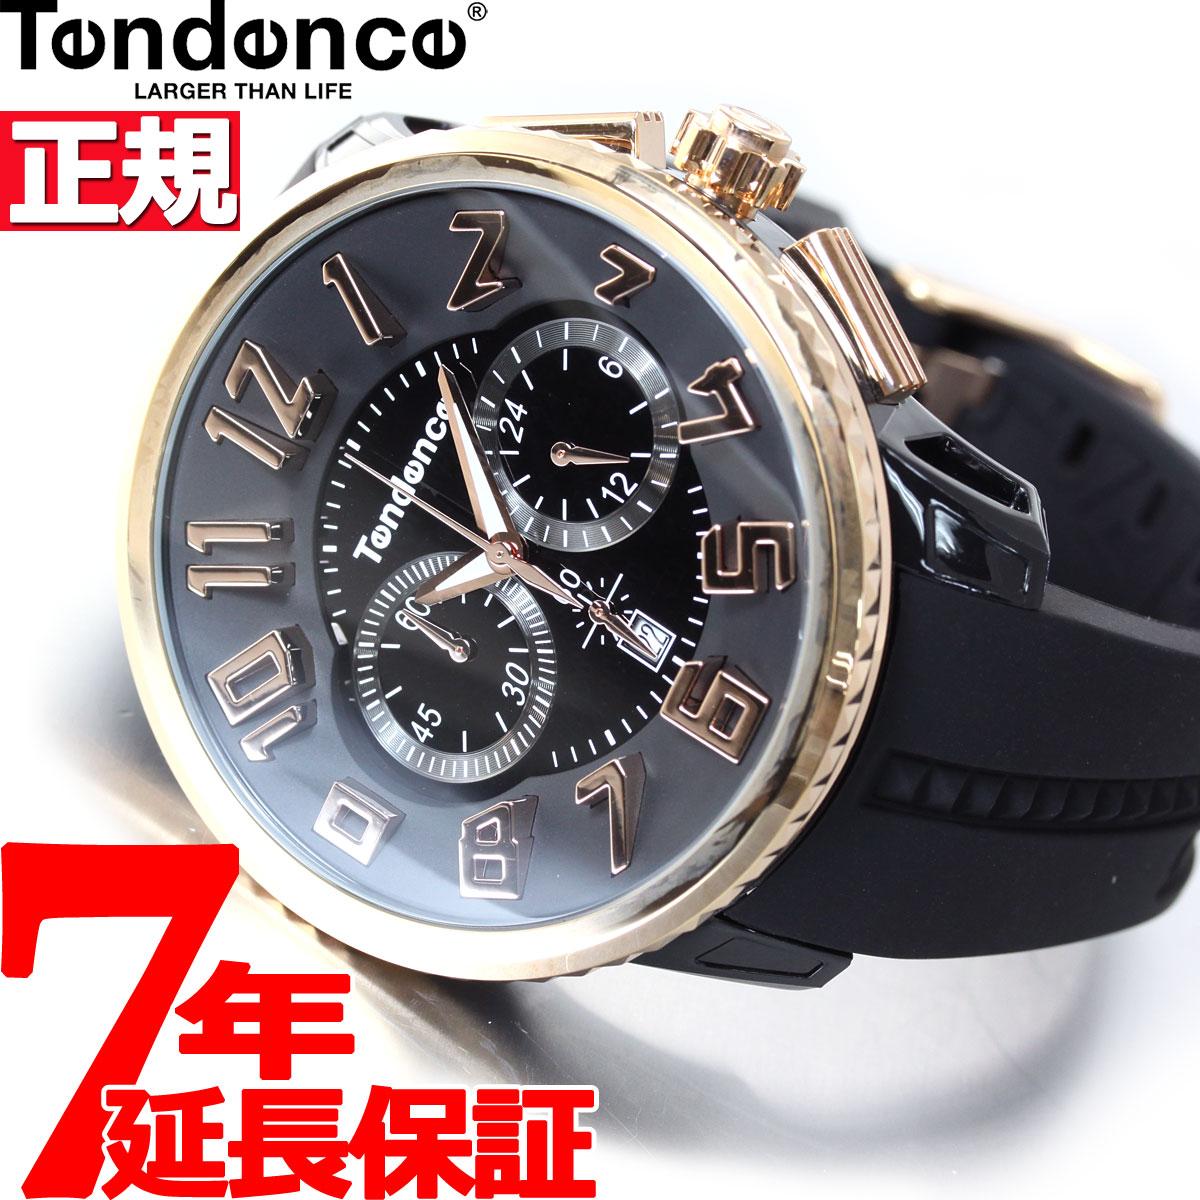 【5日0時~♪10%OFFクーポン&店内ポイント最大51倍!5日23時59分まで】テンデンス Tendence 腕時計 メンズ/レディース ガリバーラウンド GULLIVER ROUND クロノグラフ TG046012R